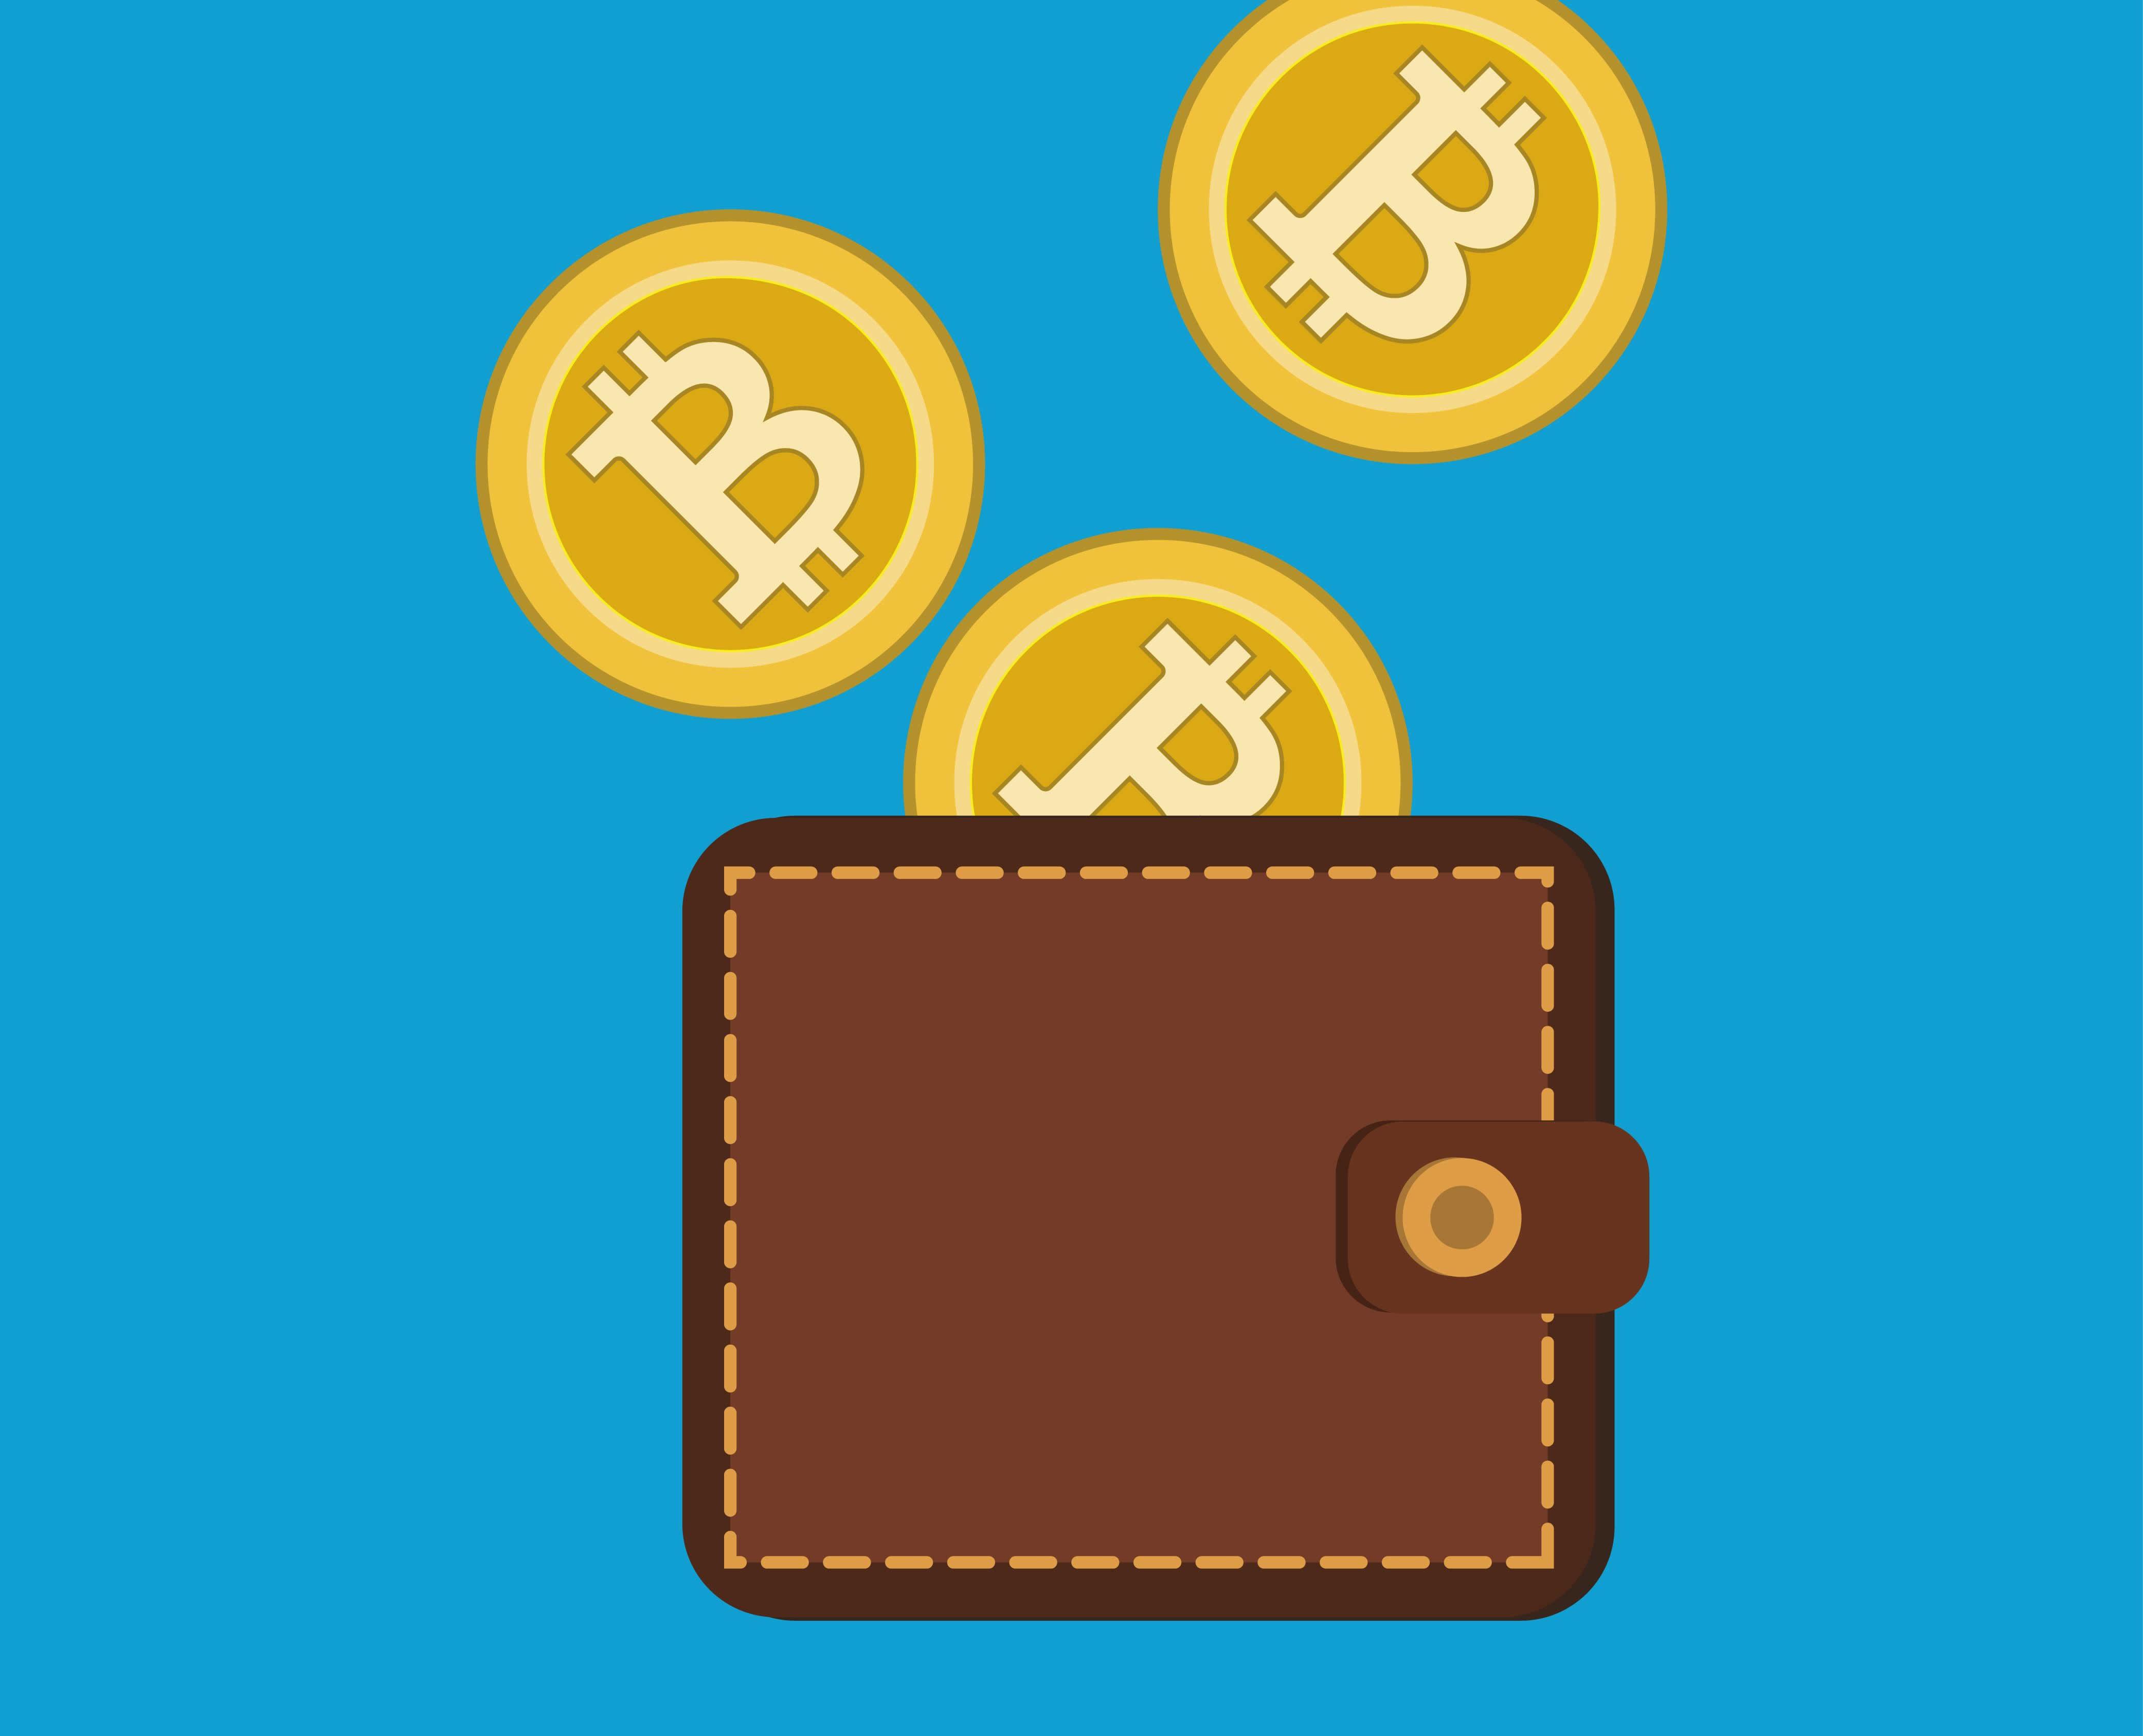 ビットコインのお財布「ウォレット」って何?ウォレットの種類と使い方